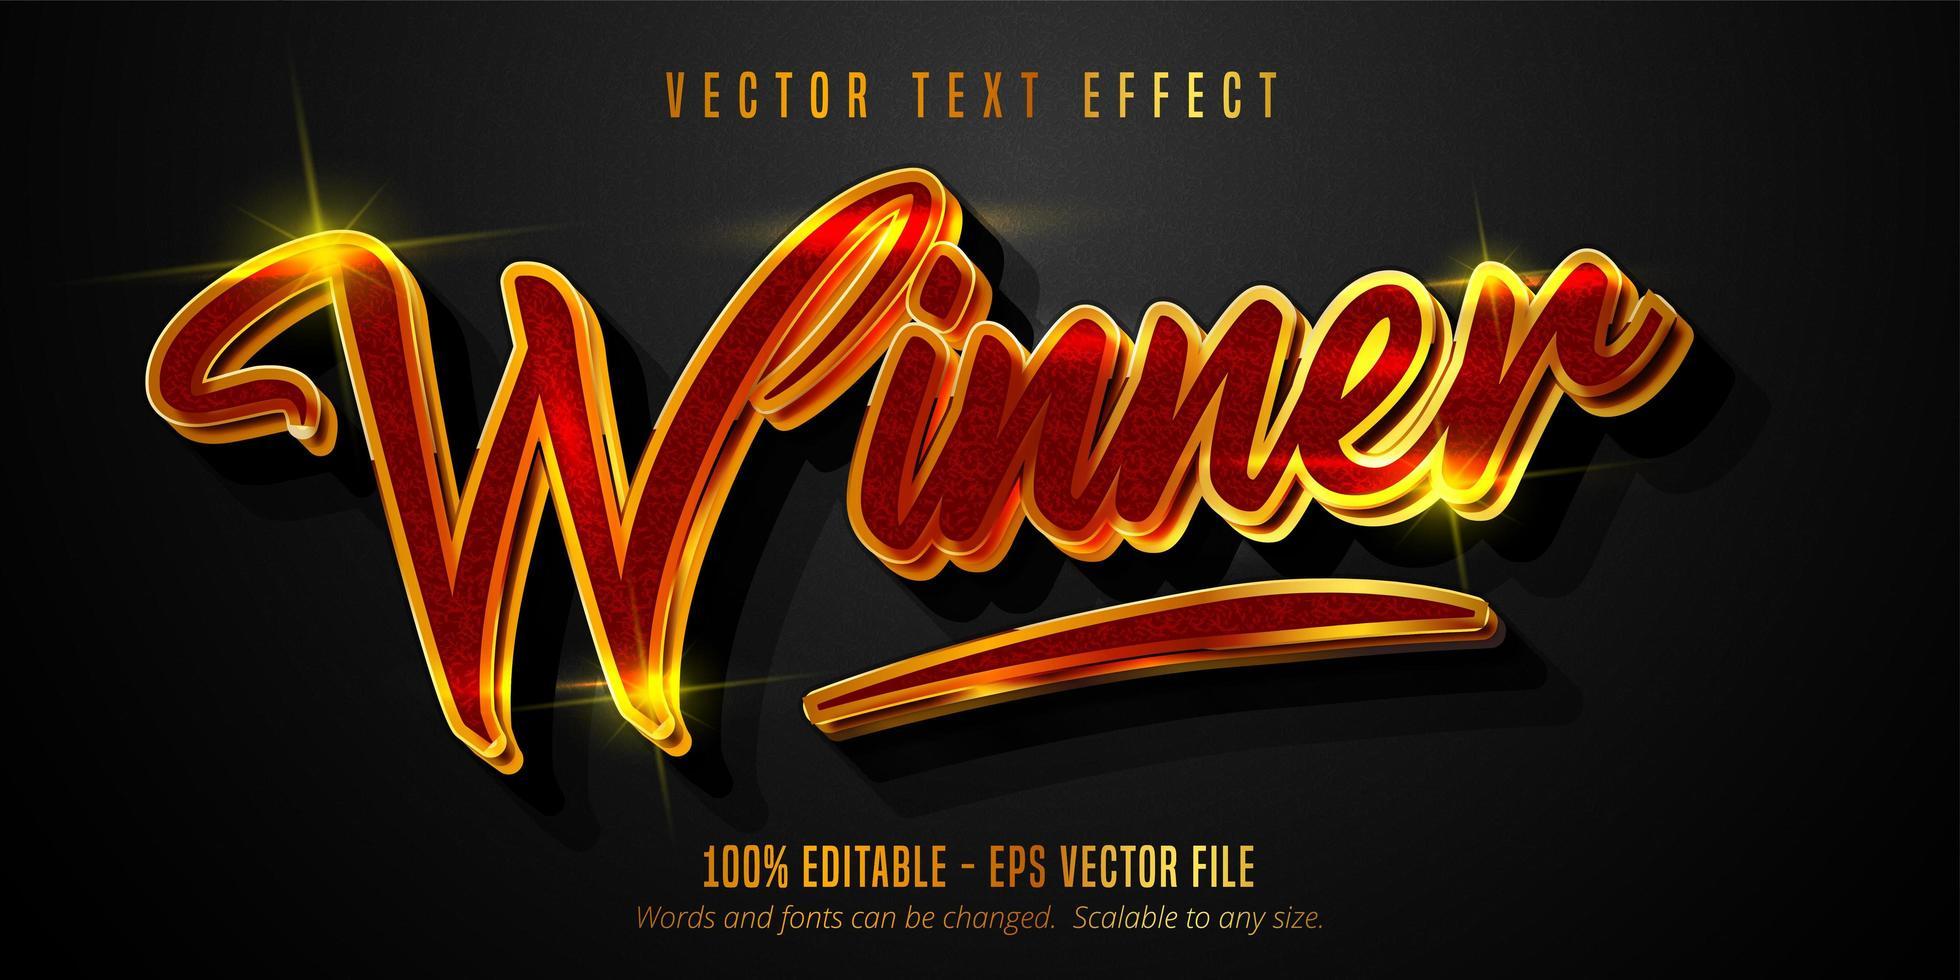 texto ganador, oro brillante, efecto de texto de estilo rojo vector